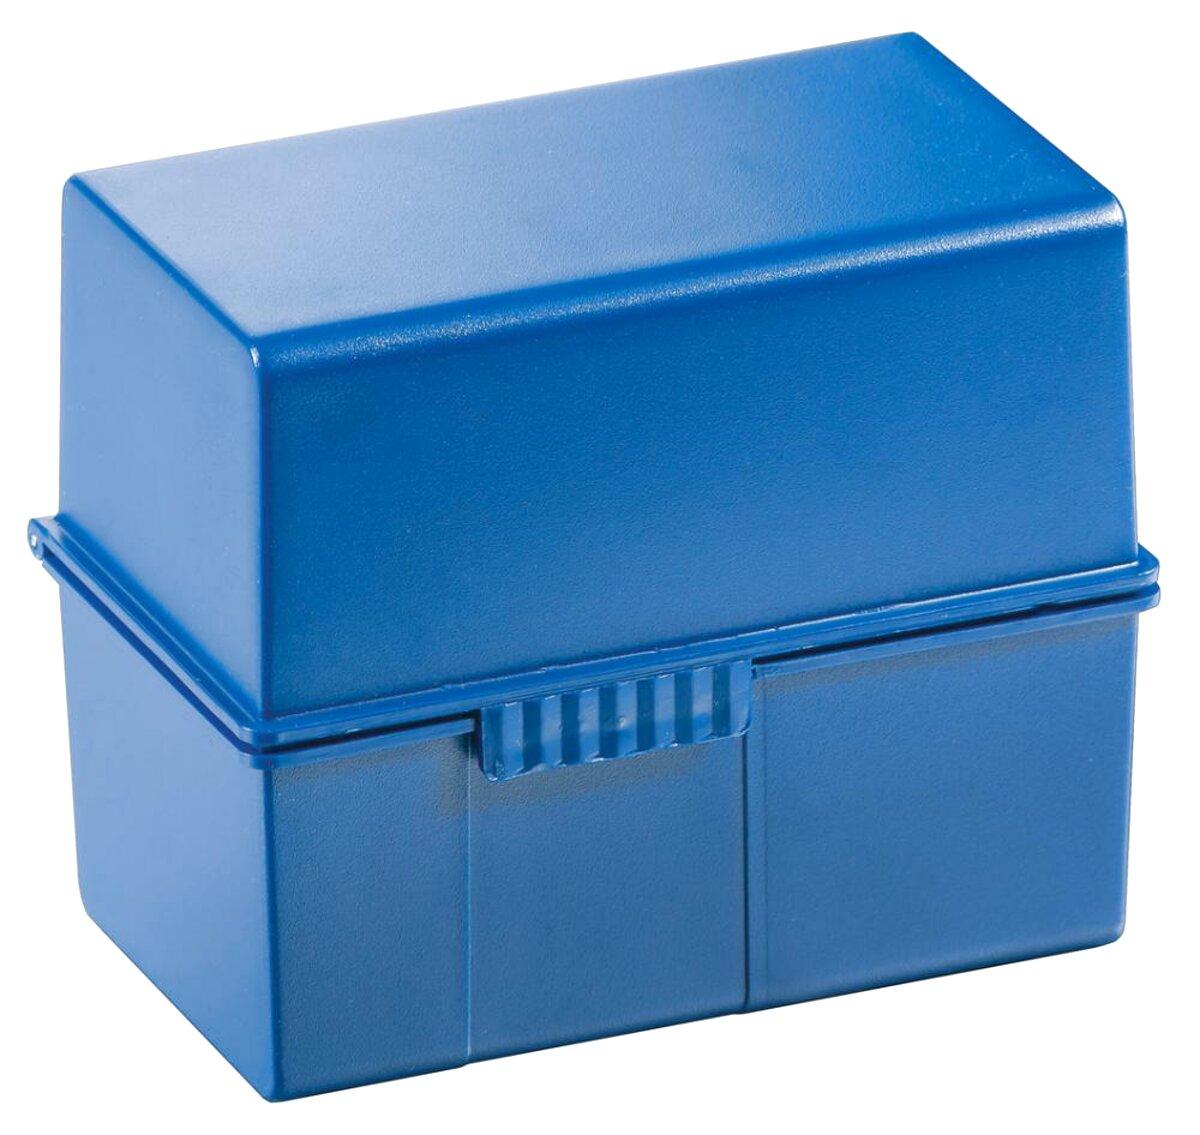 karteibox a6 gebraucht kaufen